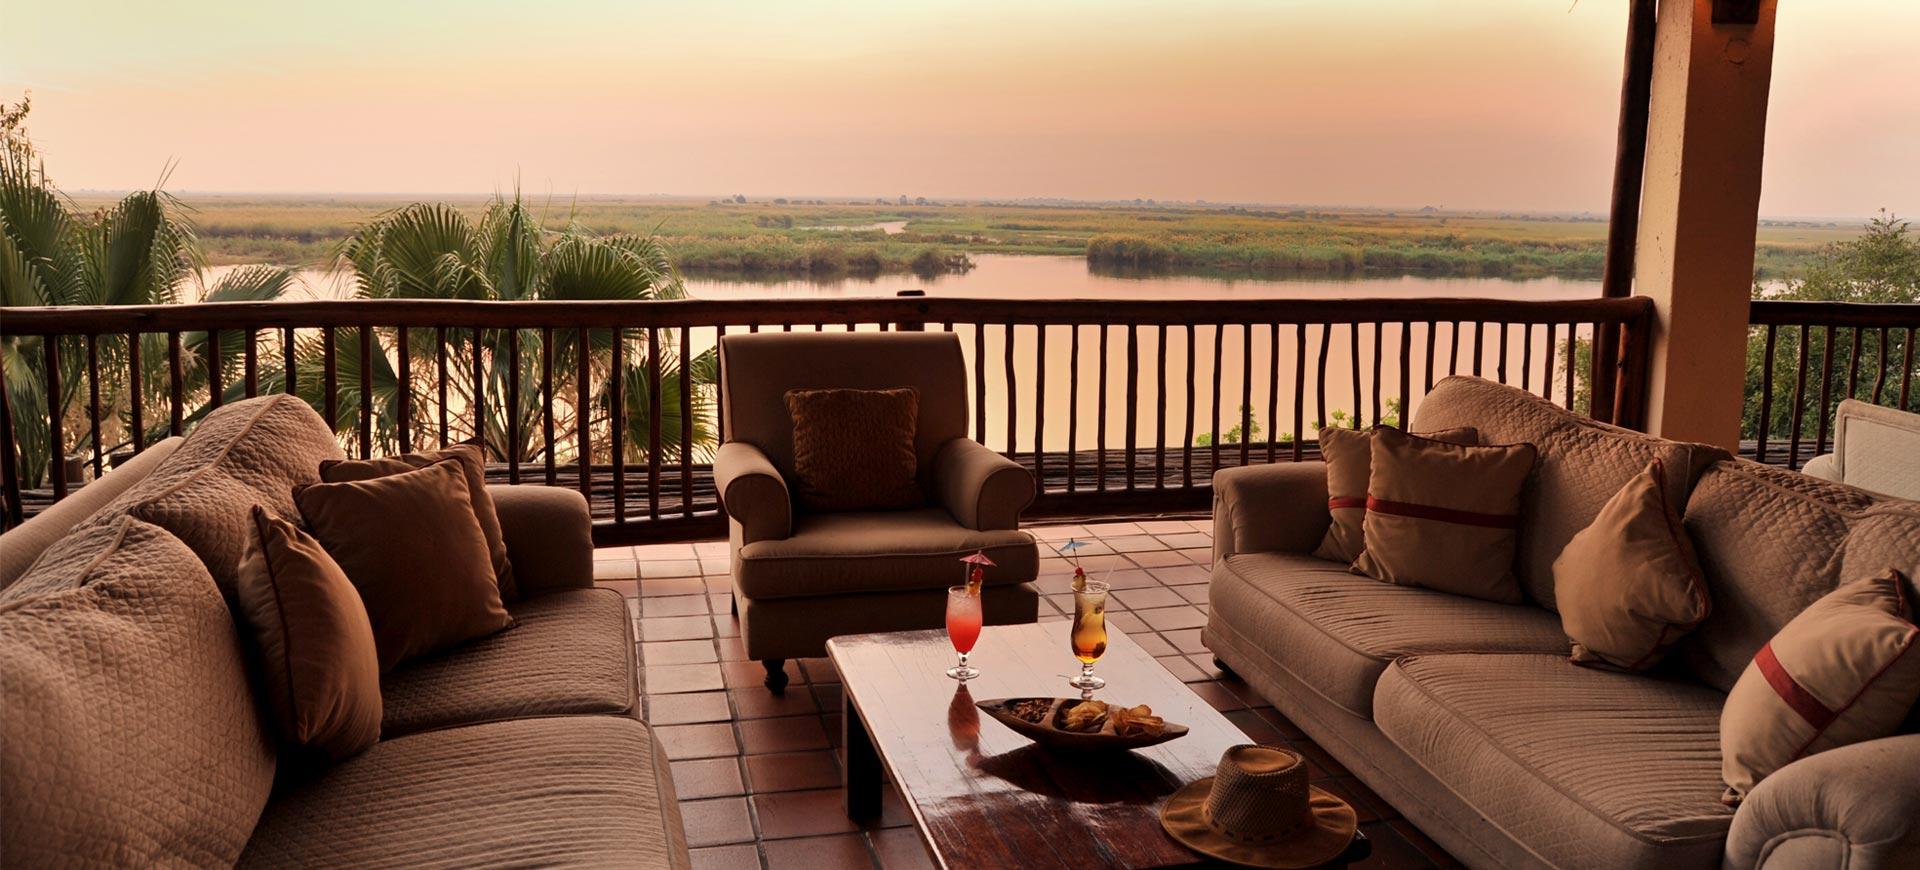 Cresta Mowana Safari Lodge Safari Lodge Amp Spa In Kasane